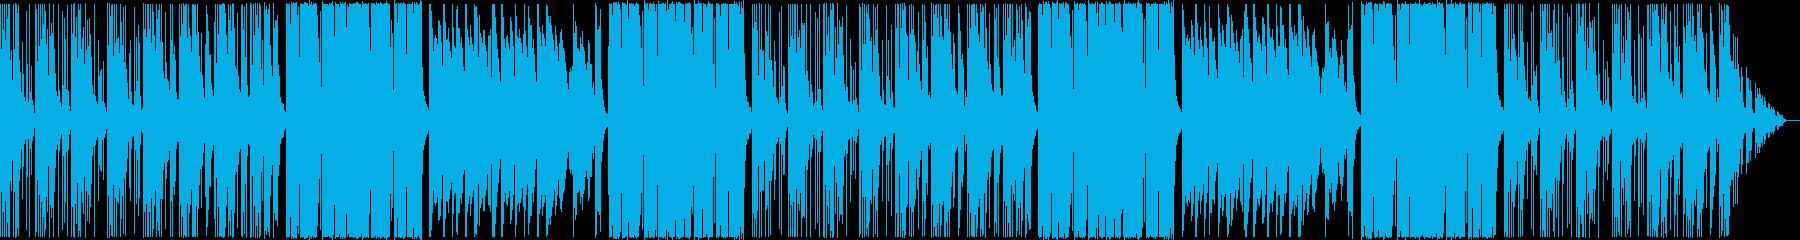 ワチャワチャ可愛いエレクトロの再生済みの波形